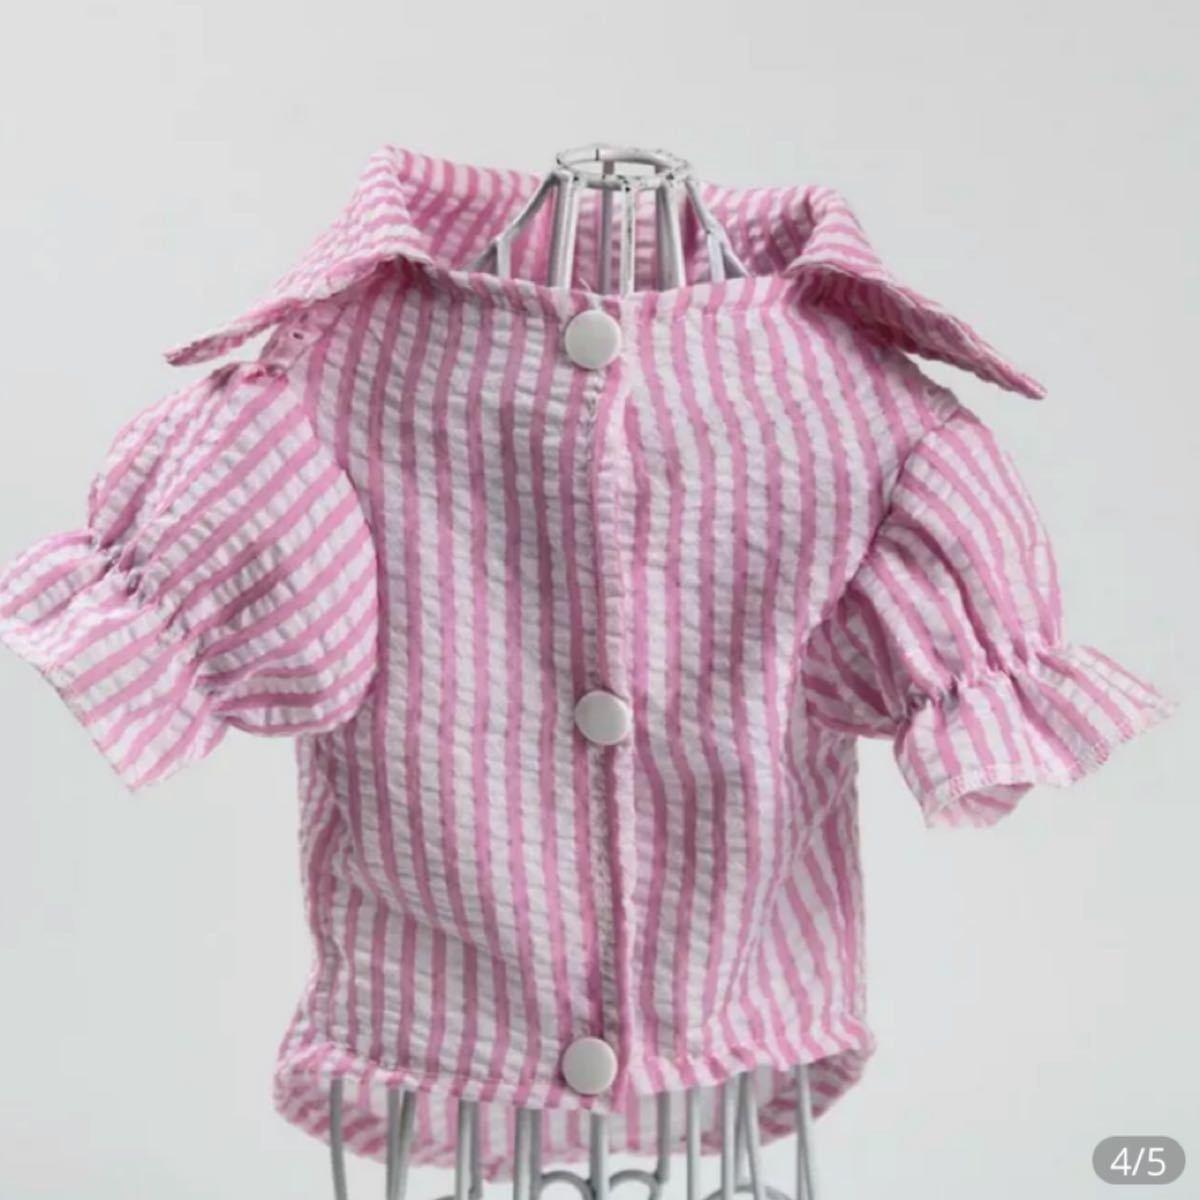 【新品】 犬用服 ピンク&ブルー Mサイズ 2枚セット